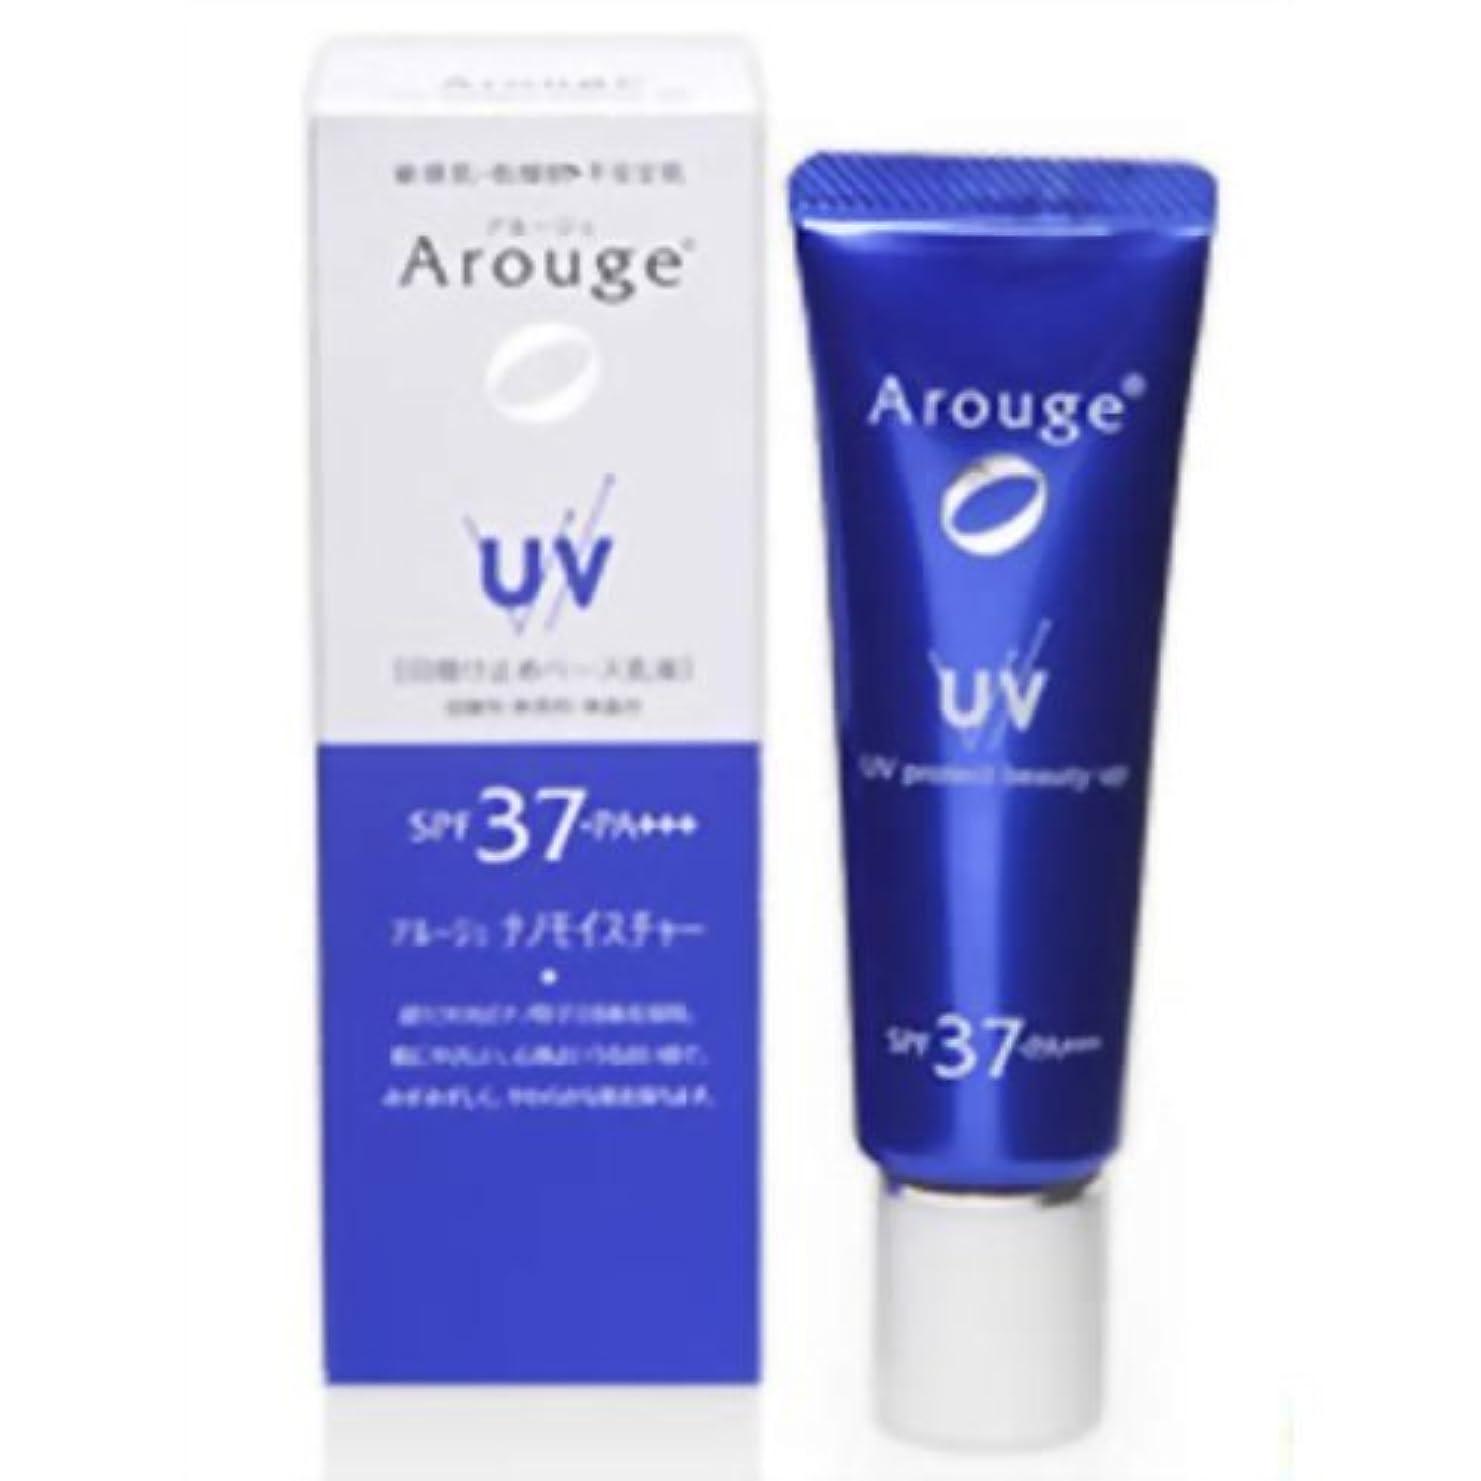 アウター口実ひどくアルージェ UVプロテクトビューティーアップ 25g